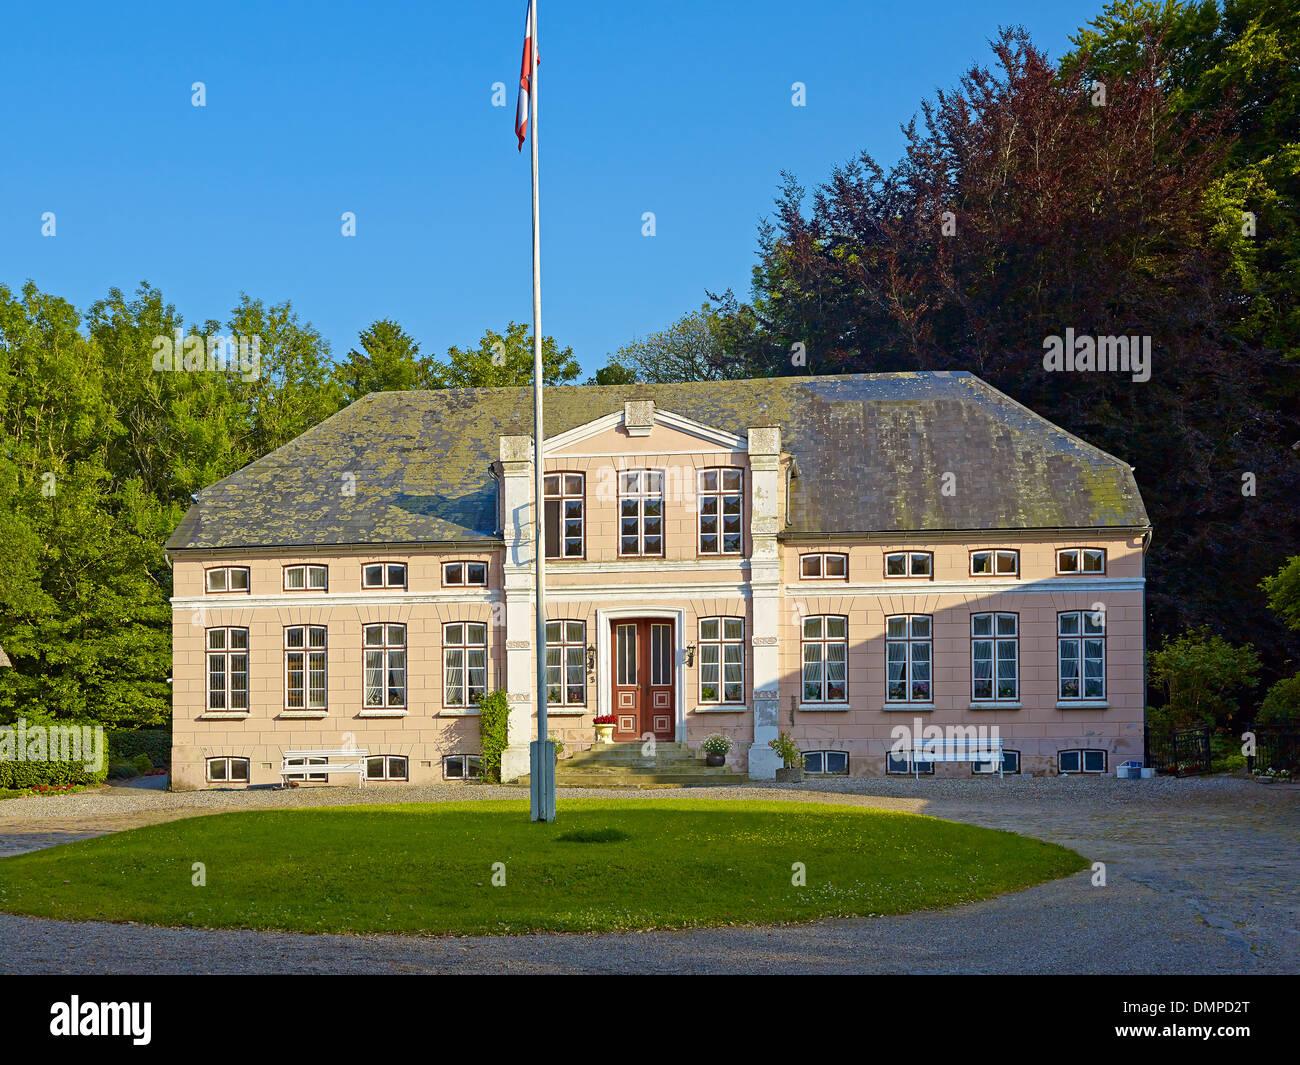 bauernhof im freilichtmuseum angeln in unewatt kreis schleswig flensburg schleswig holstein. Black Bedroom Furniture Sets. Home Design Ideas